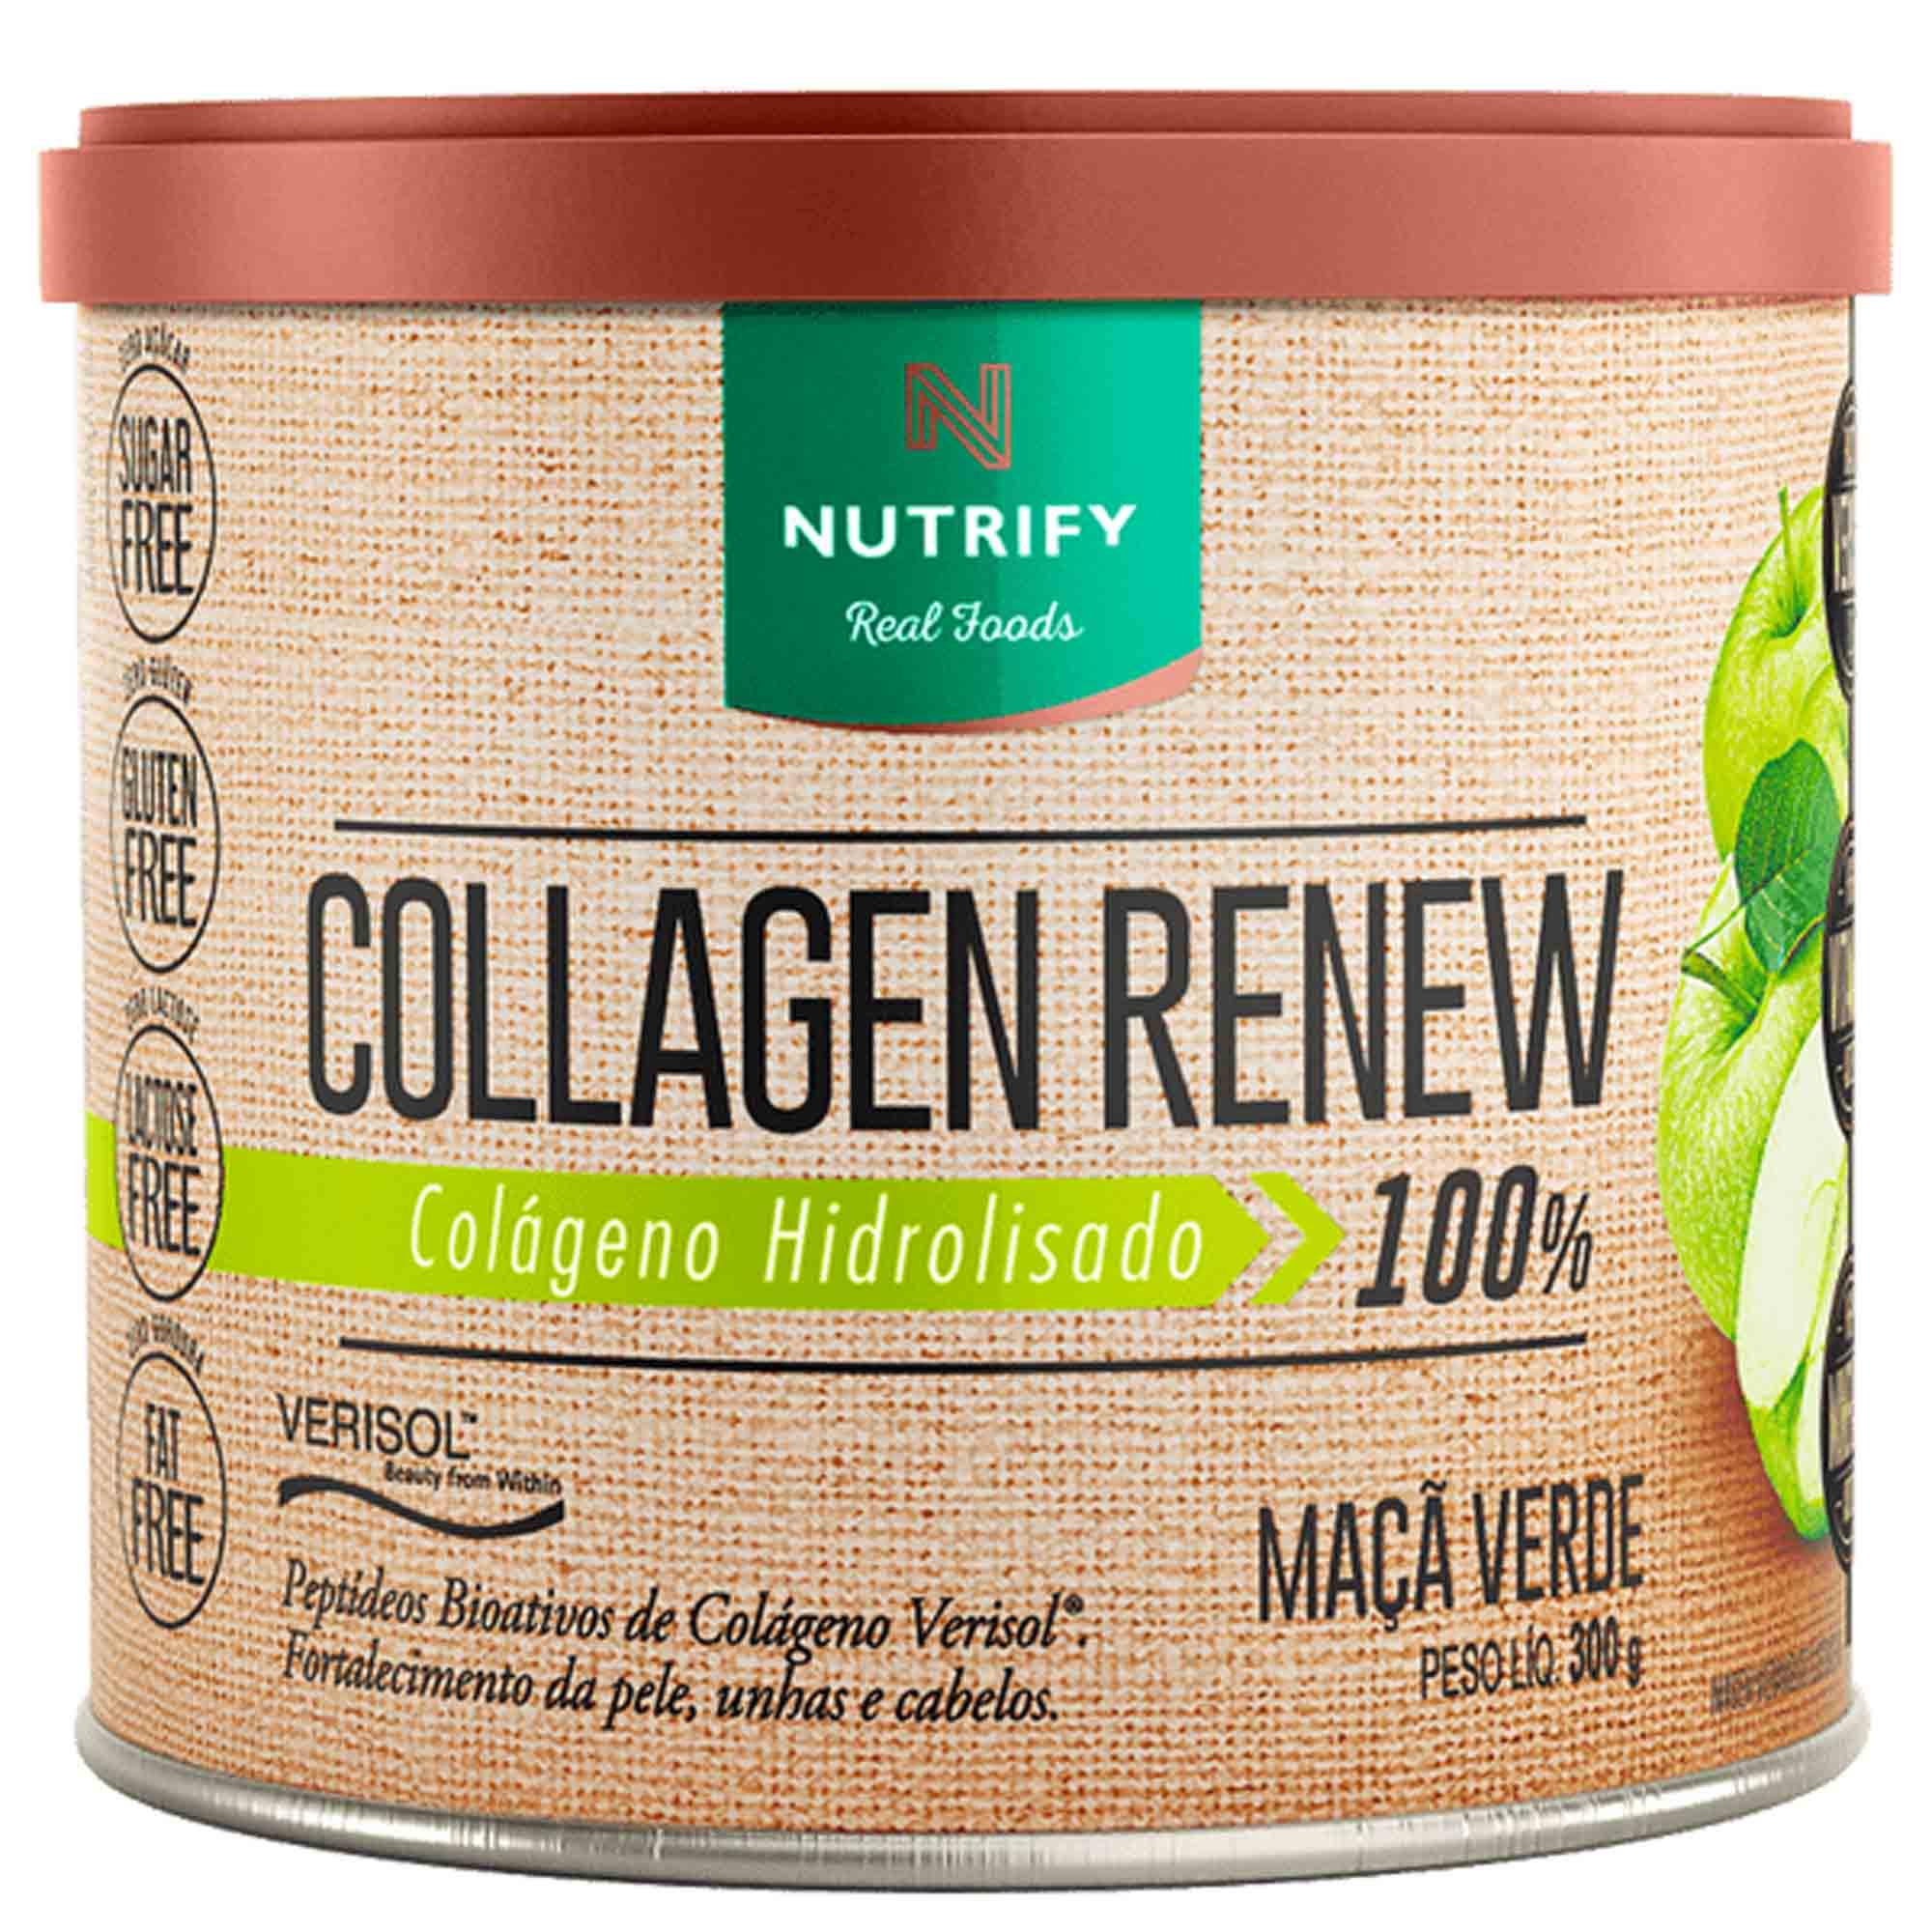 Collagen Renew sabor Maçã Verde 300g Nutrify